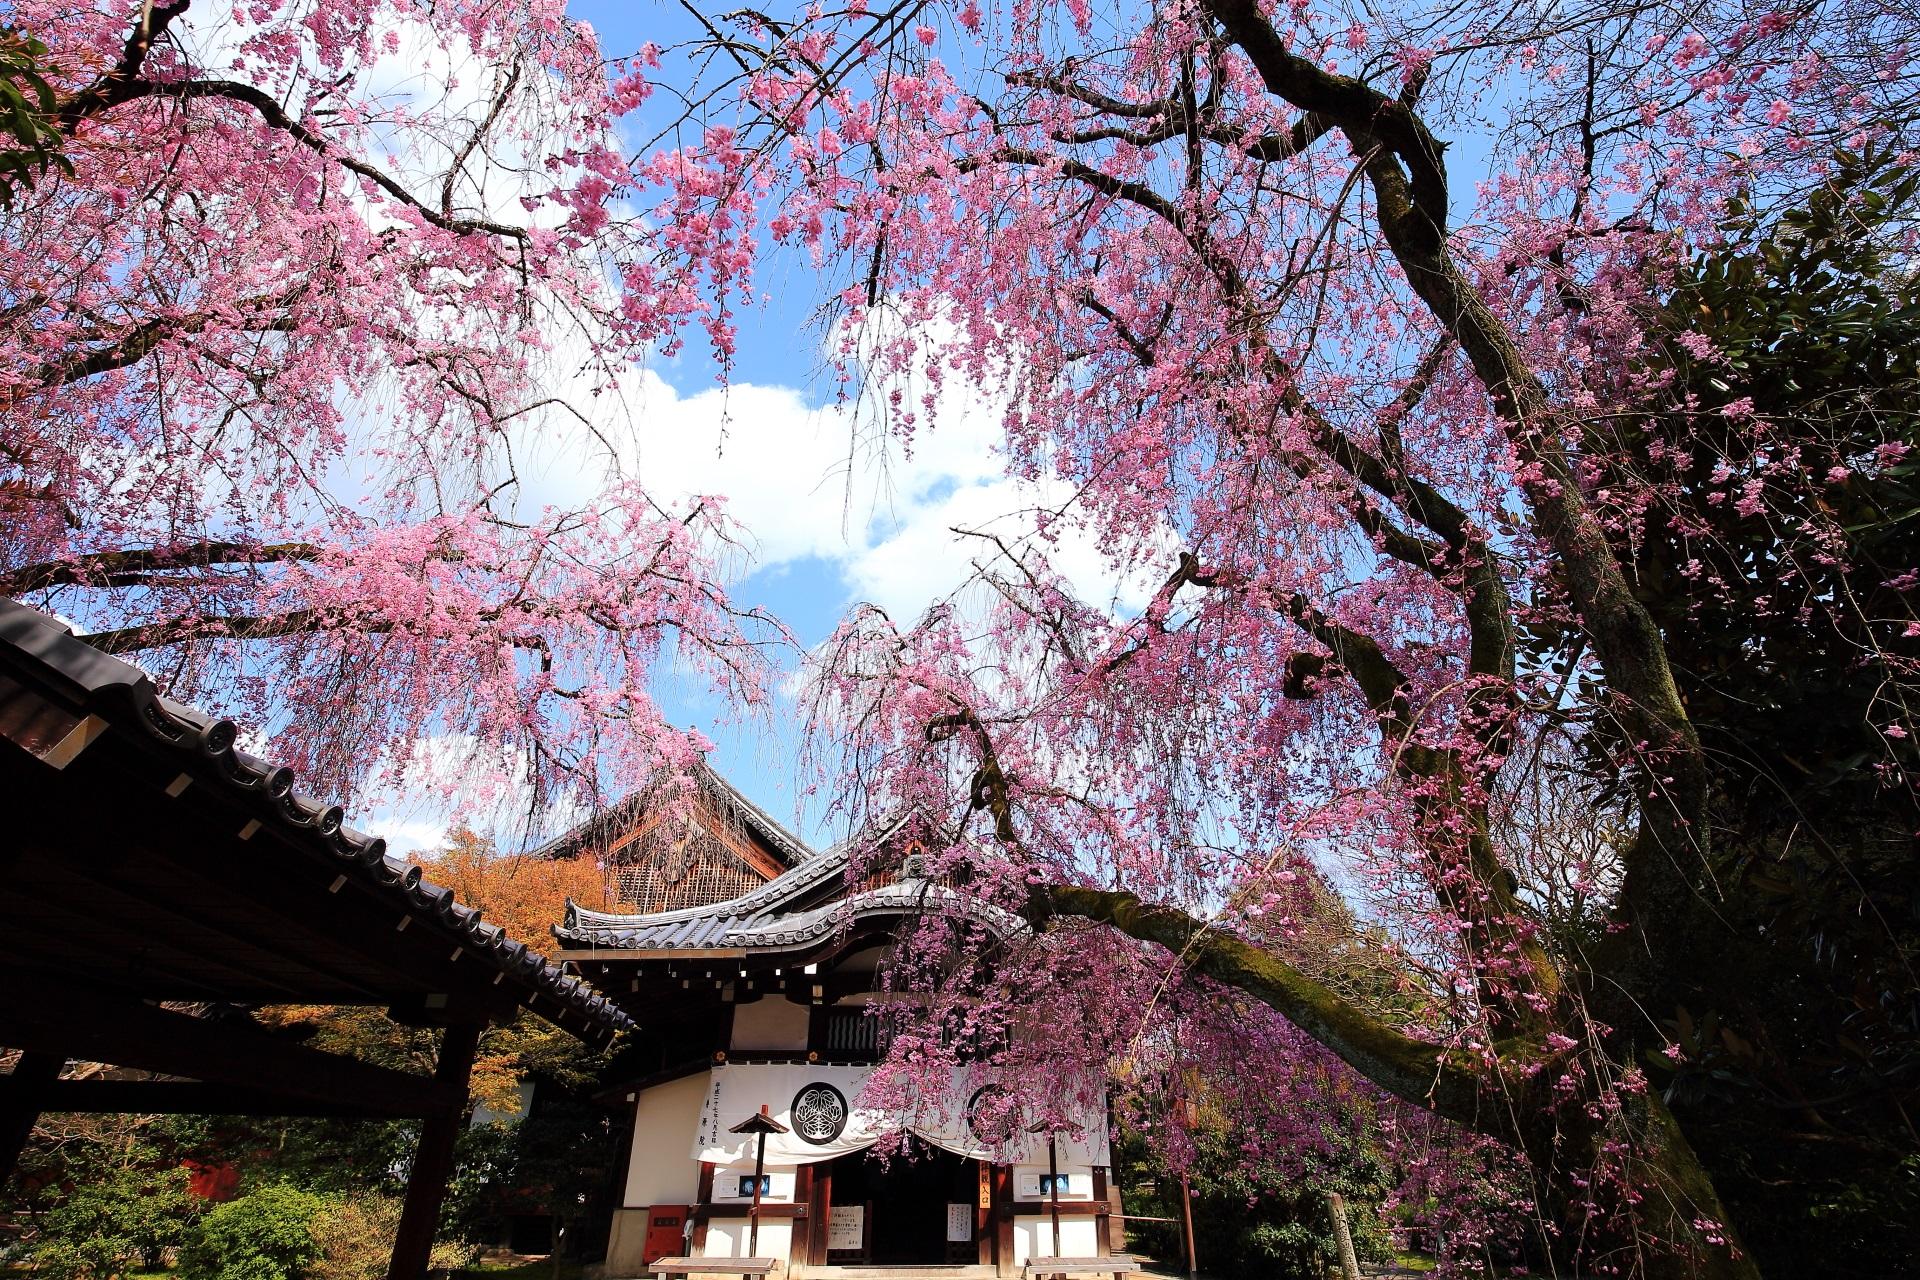 養源院 桜 ひっそりと佇む華やかな彩り